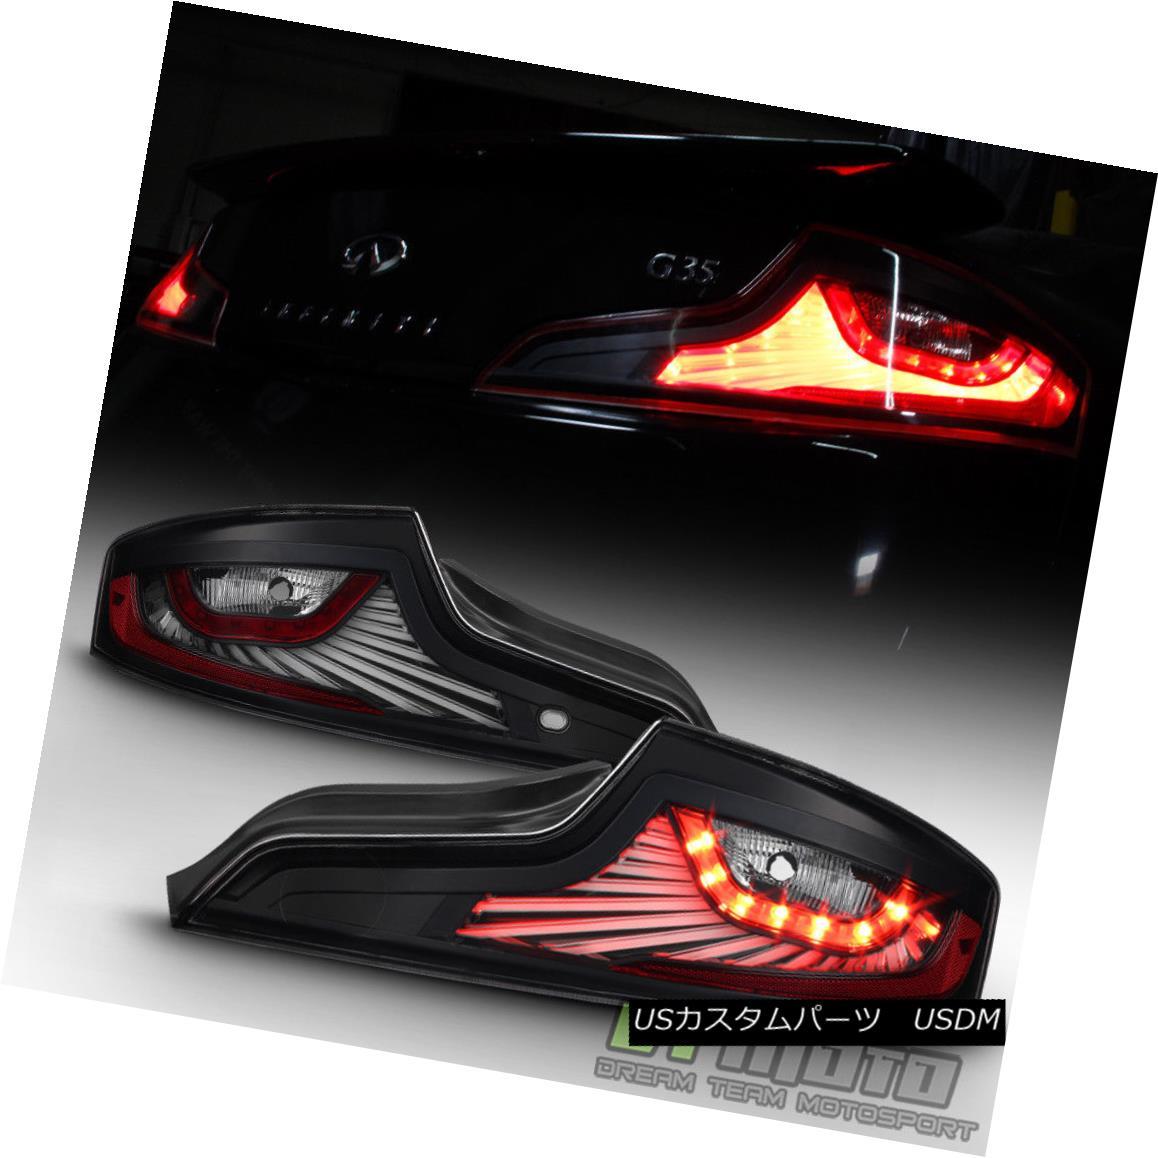 テールライト Black For 2006-2007 G35 Skyline Sport 2-Door Coupe LED Tail Lights Brake Lamps ブラック2006-2007 G35スカイラインスポーツ2ドアクーペLEDテールライトブレーキランプ